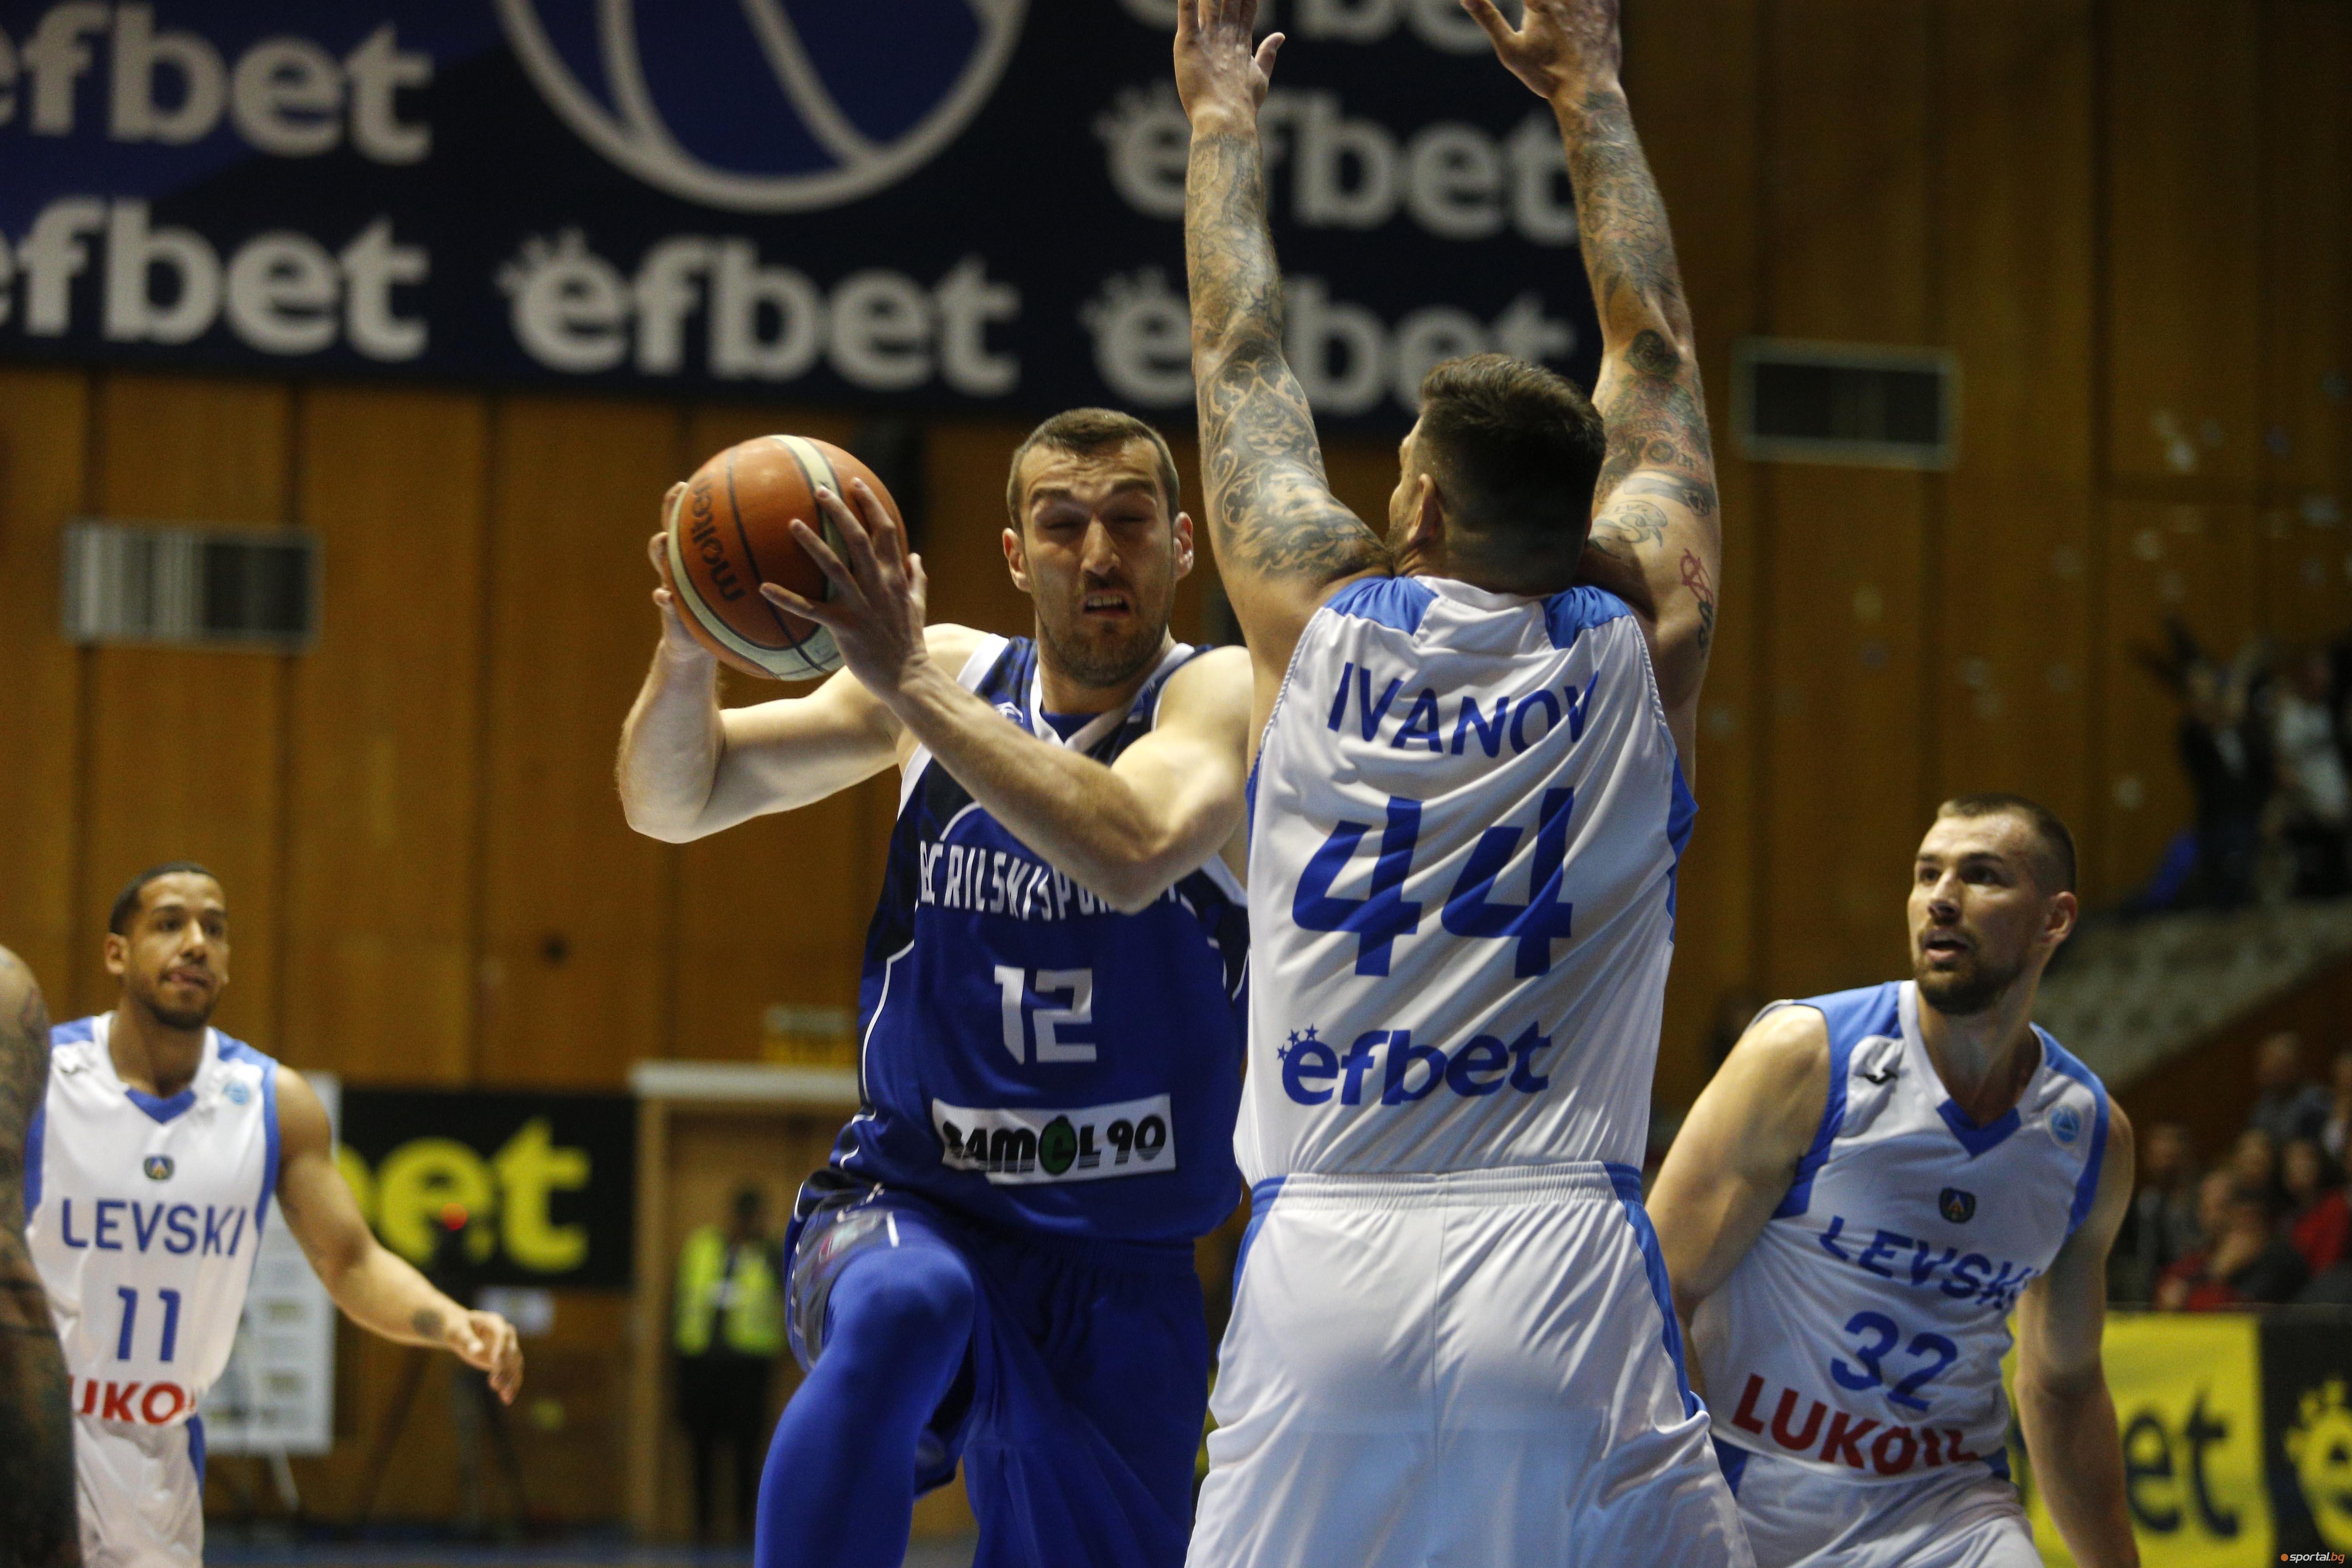 Отборът на Рилски спортист (Самоков) спечели прекия сблъсък за третото